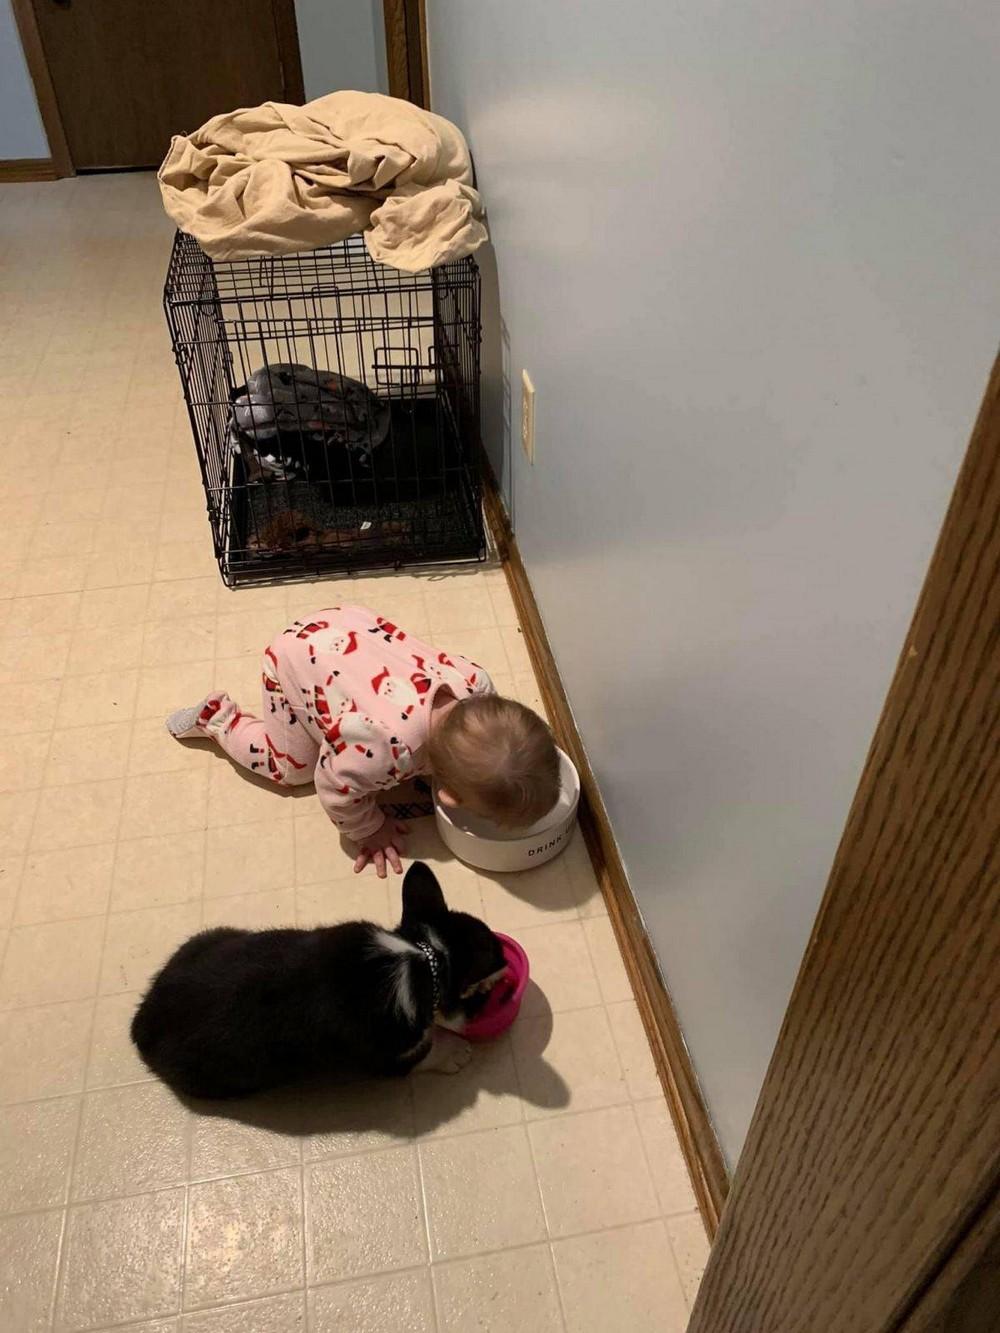 بچهعکس های خنده دار وقتی بچه رو تنها میزاری، وقتی بچه رو به حال، وقتی بچه رو به حال خودش ول میکنی بامزه، وقتی بچه رو به حال خودش ول میکنی شیک، وقتی بچه رو به حال خودش ول میکنیبچه، وقتی بچه رو تنها میزاری، وقتی بچه رو تنها میزاری باحال، وقتی بچه رو تنها میزاری خنده دار، وقتی بچه رو تنها میزاری عکس، وقتی بچه ها تنها باش، وقتی بچه ها تنها باش باحال